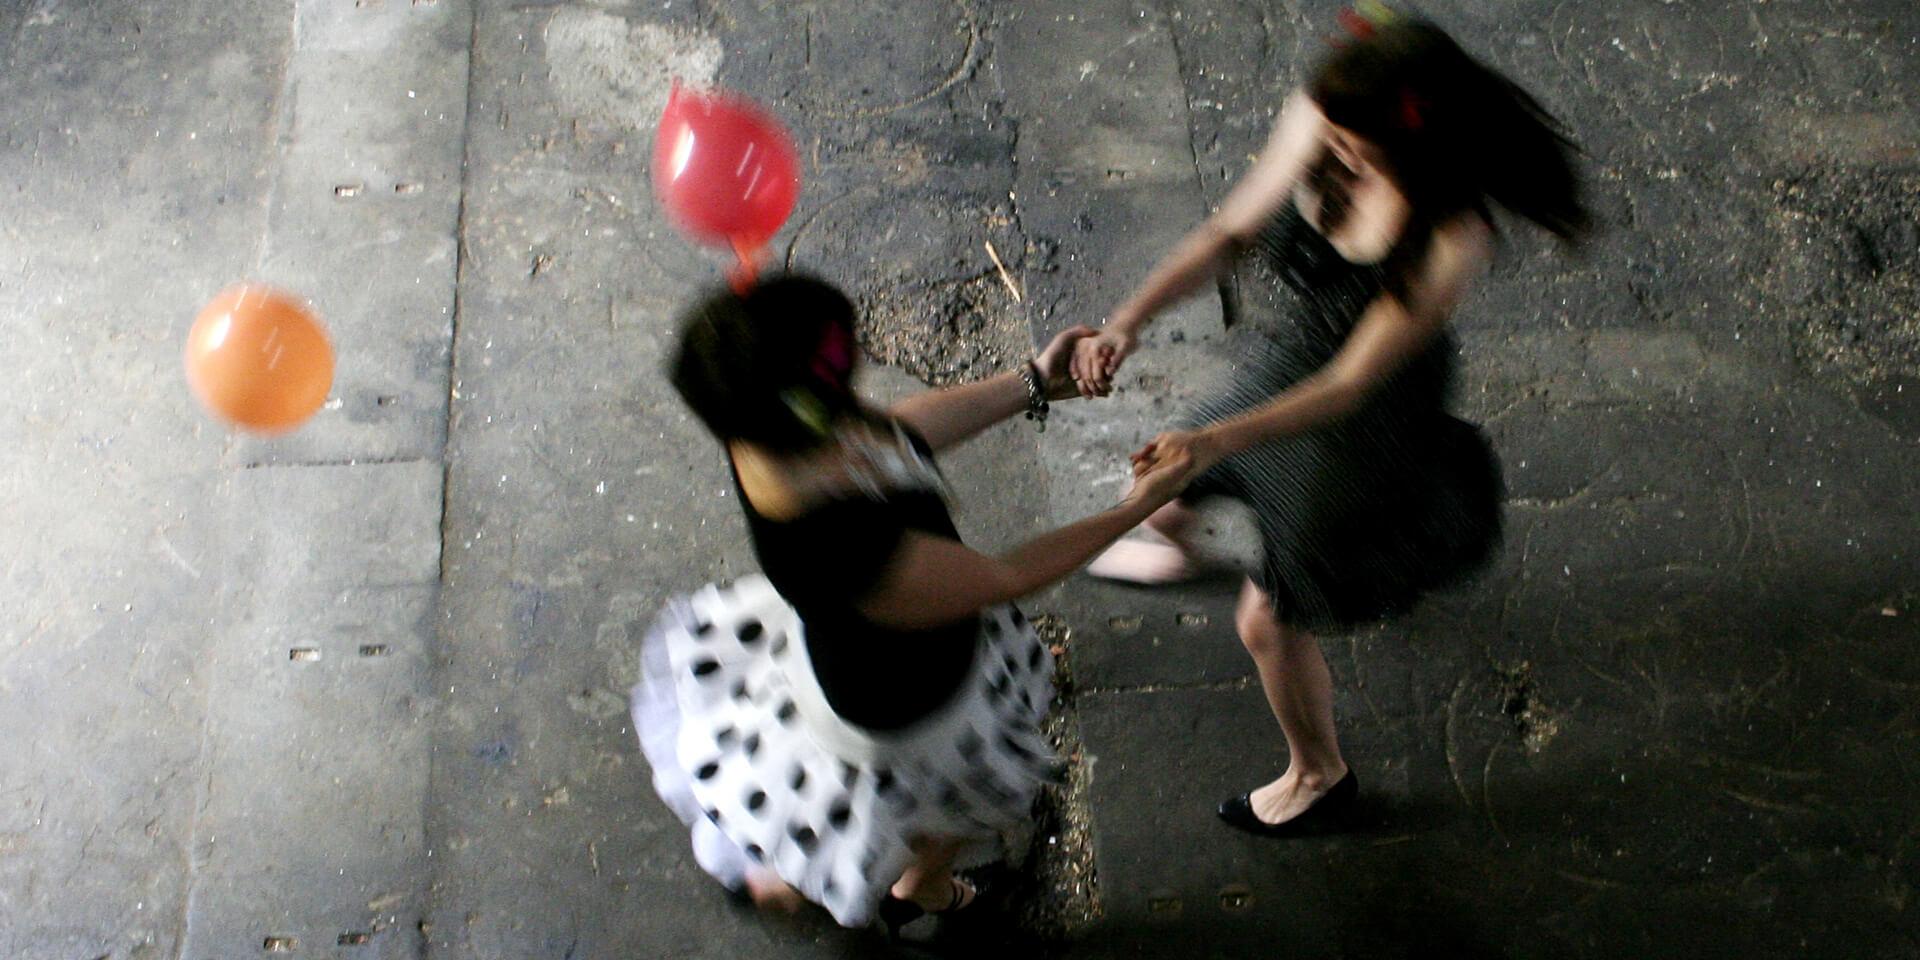 Zwei Frauen wirbeln fröhlich herum